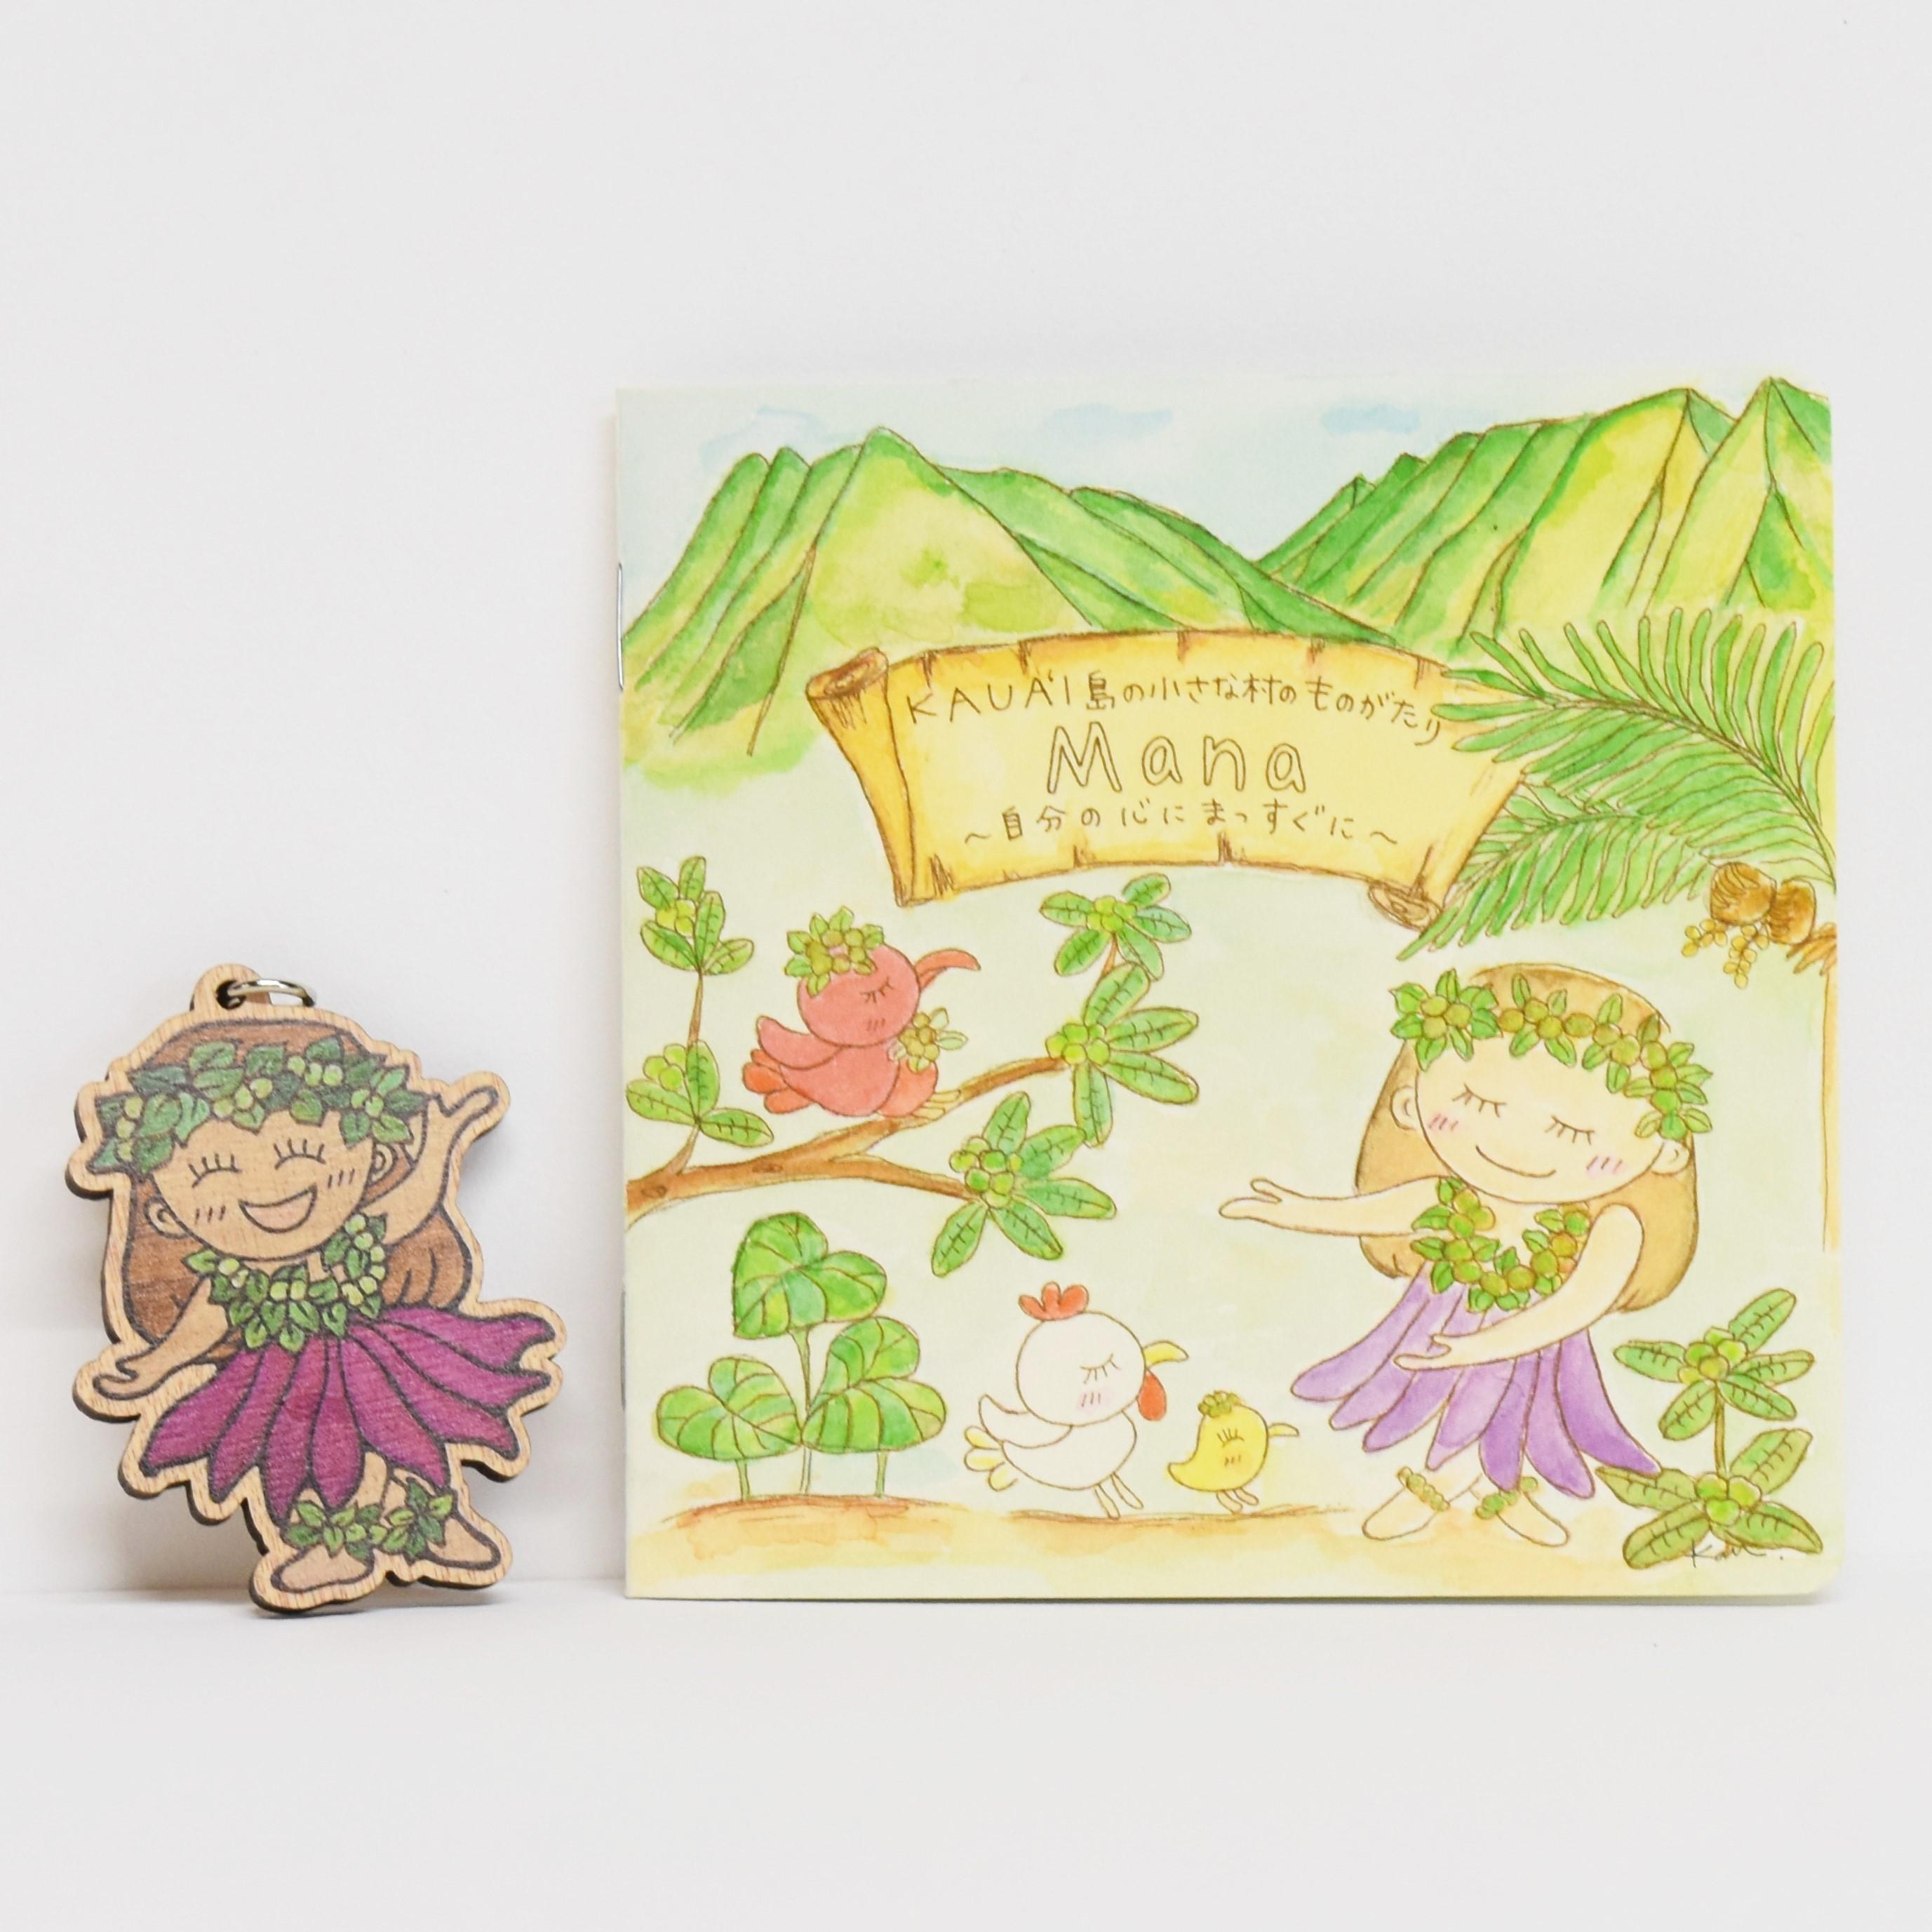 Message Book 【KAUA'I島の小さな村のものがたり】